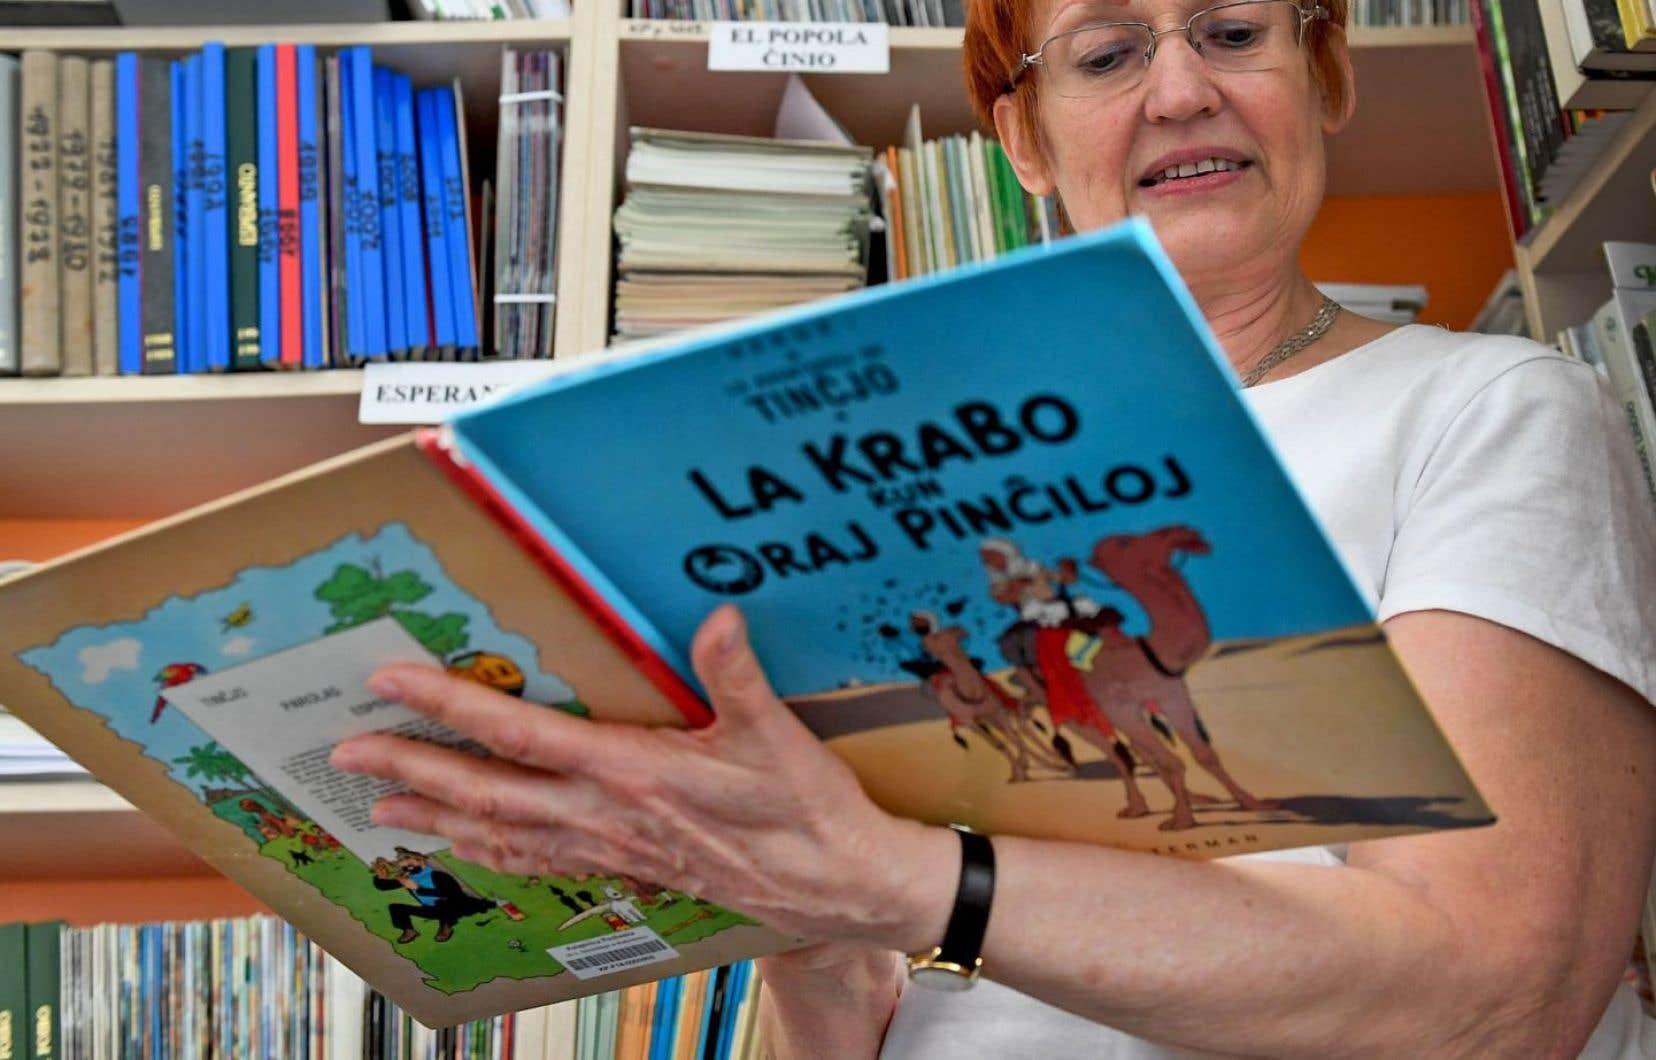 Parmi les 3200 volumes de la bibliothèque d'espéranto de Bialystok, de grands classiques comme «Tincjo. La krabo kun oraj pinciloj» («Tintin. Le crabe aux pinces d'or»)